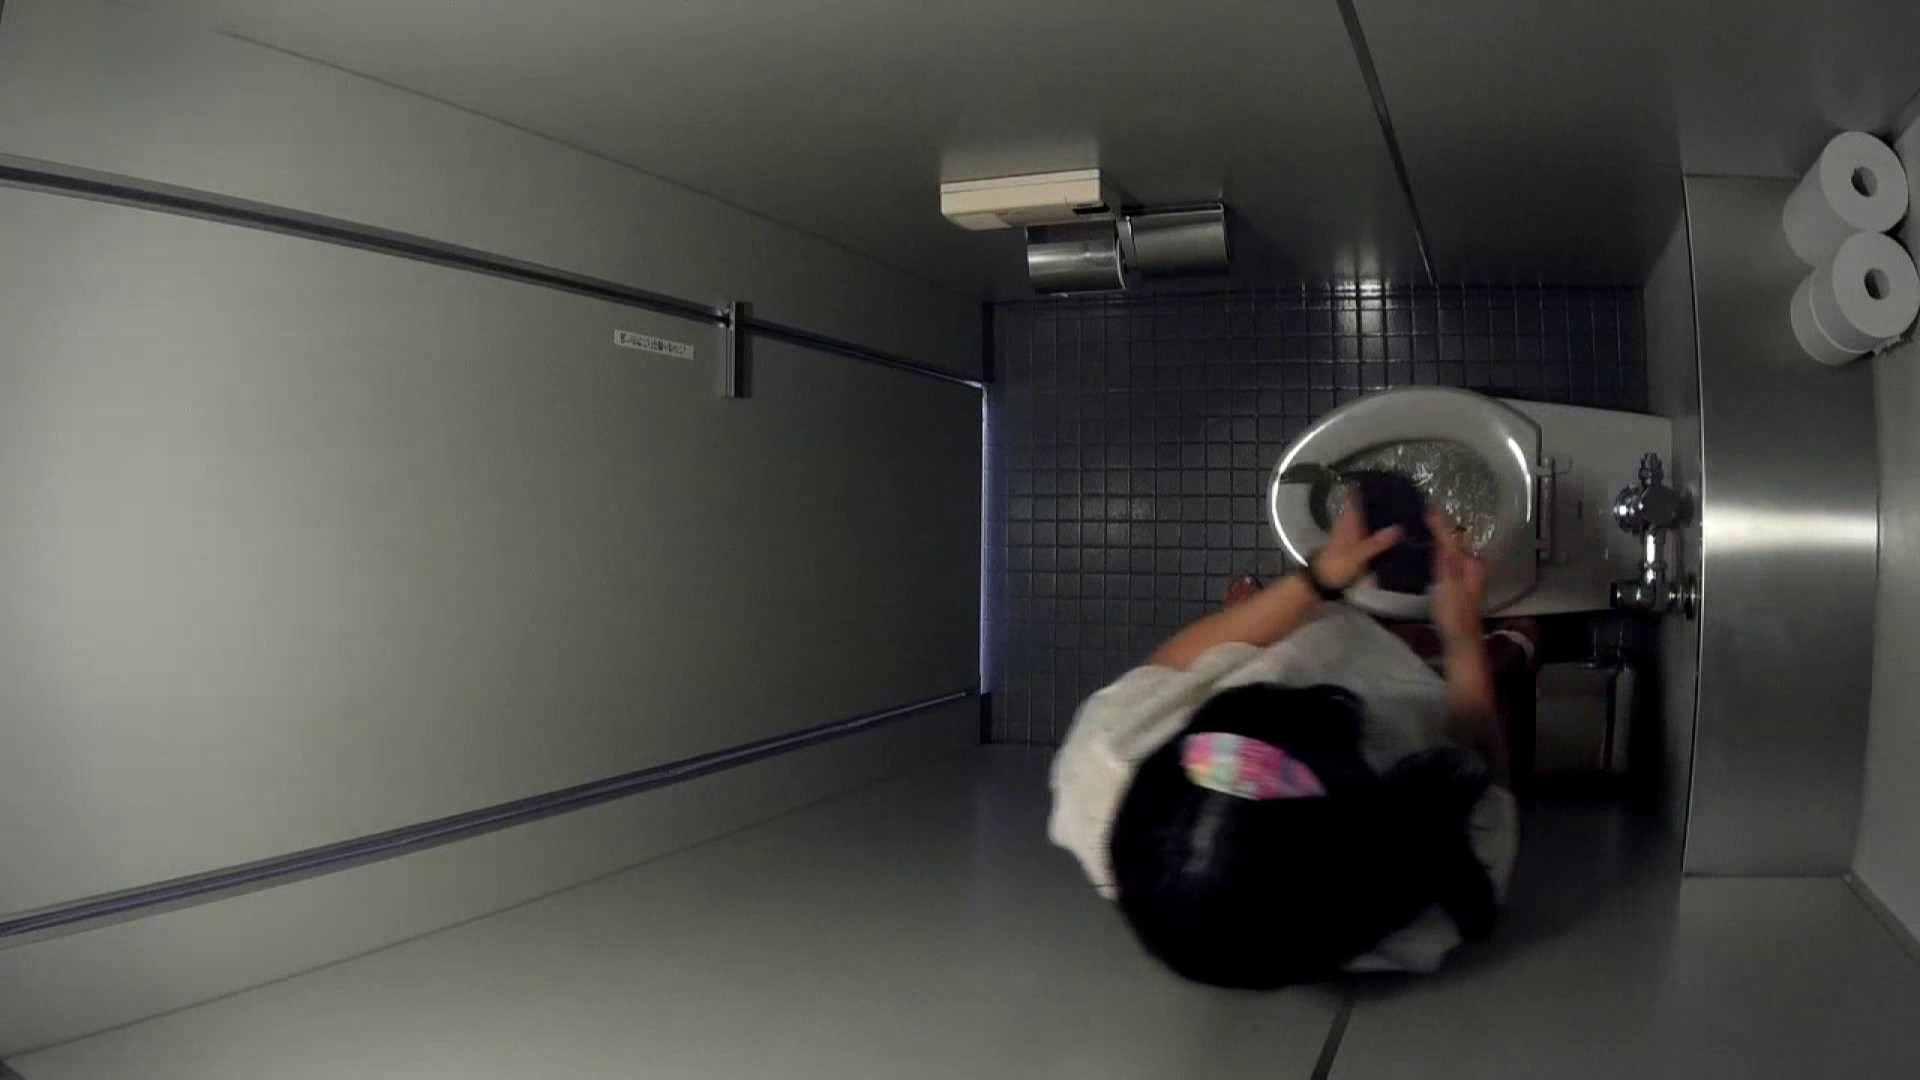 有名大学女性洗面所 vol.45 冴え渡る多方向撮影!職人技です。 OLセックス のぞき濡れ場動画紹介 95画像 22